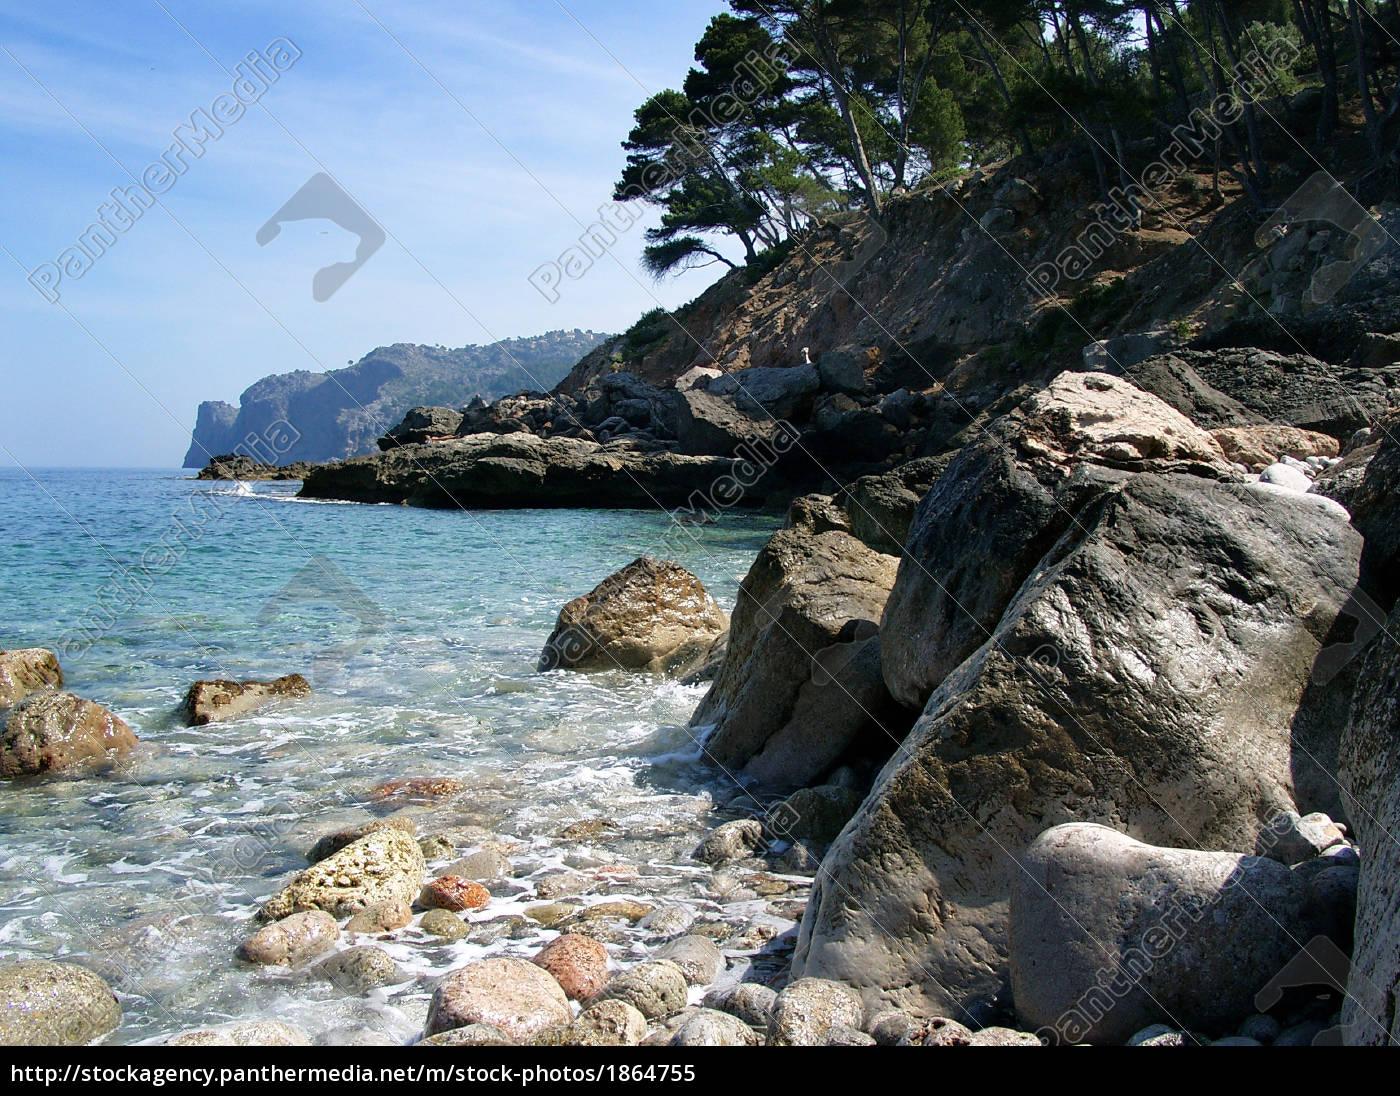 zatoka, kąpielowa, na, zachodnim, wybrzeżu, majorki - 1864755